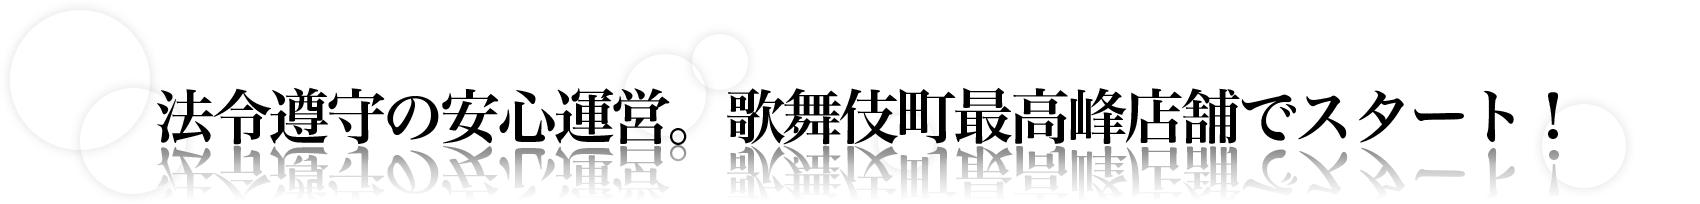 法令遵守の安心運営。歌舞伎町最高峰店舗でスタート!